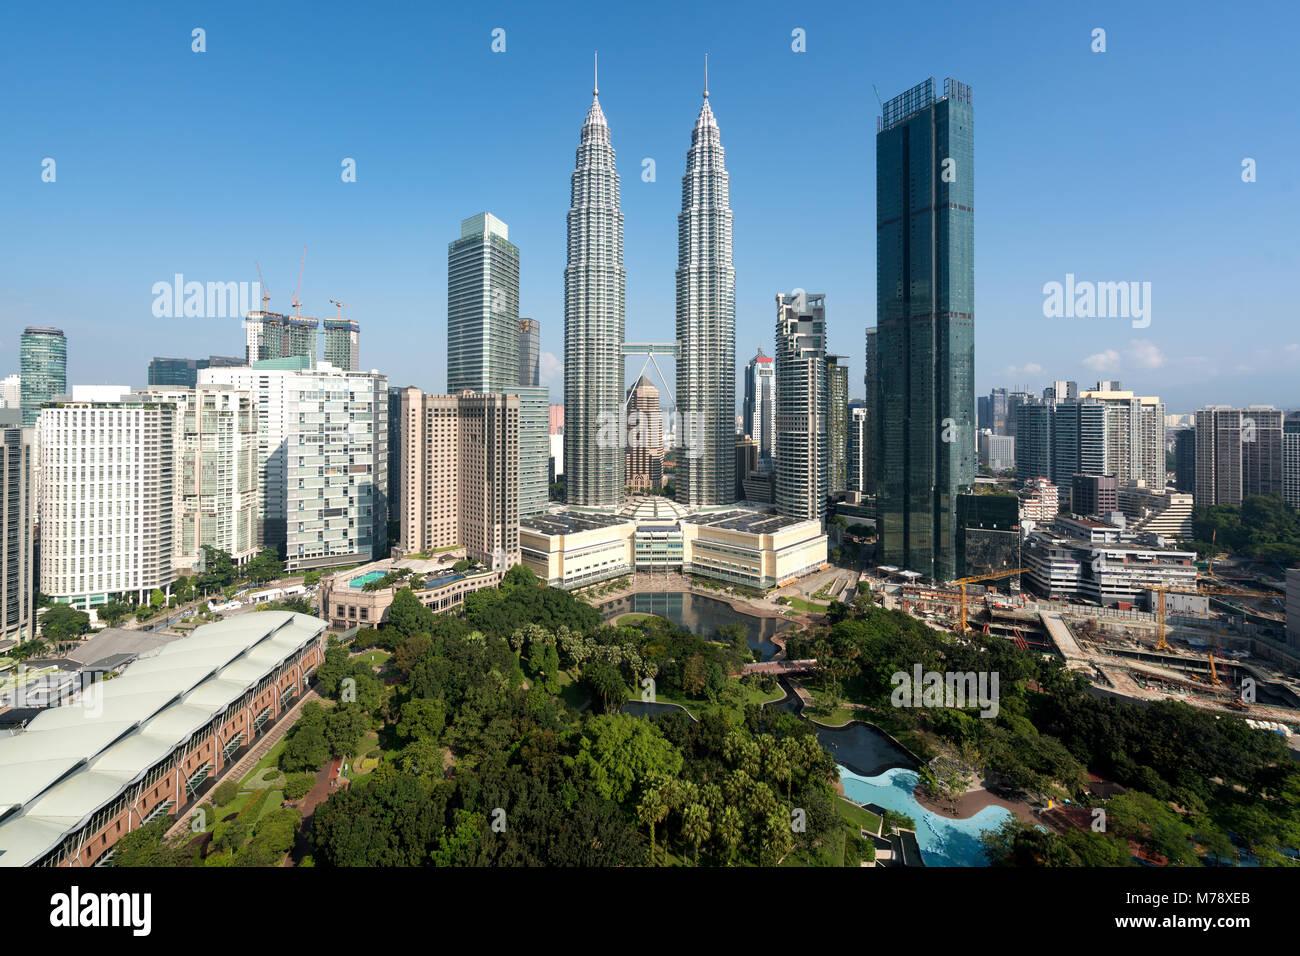 La città di Kuala Lumpur skyline e grattacieli edificio al quartiere degli affari di Kuala Lumpur in Malesia. Immagini Stock